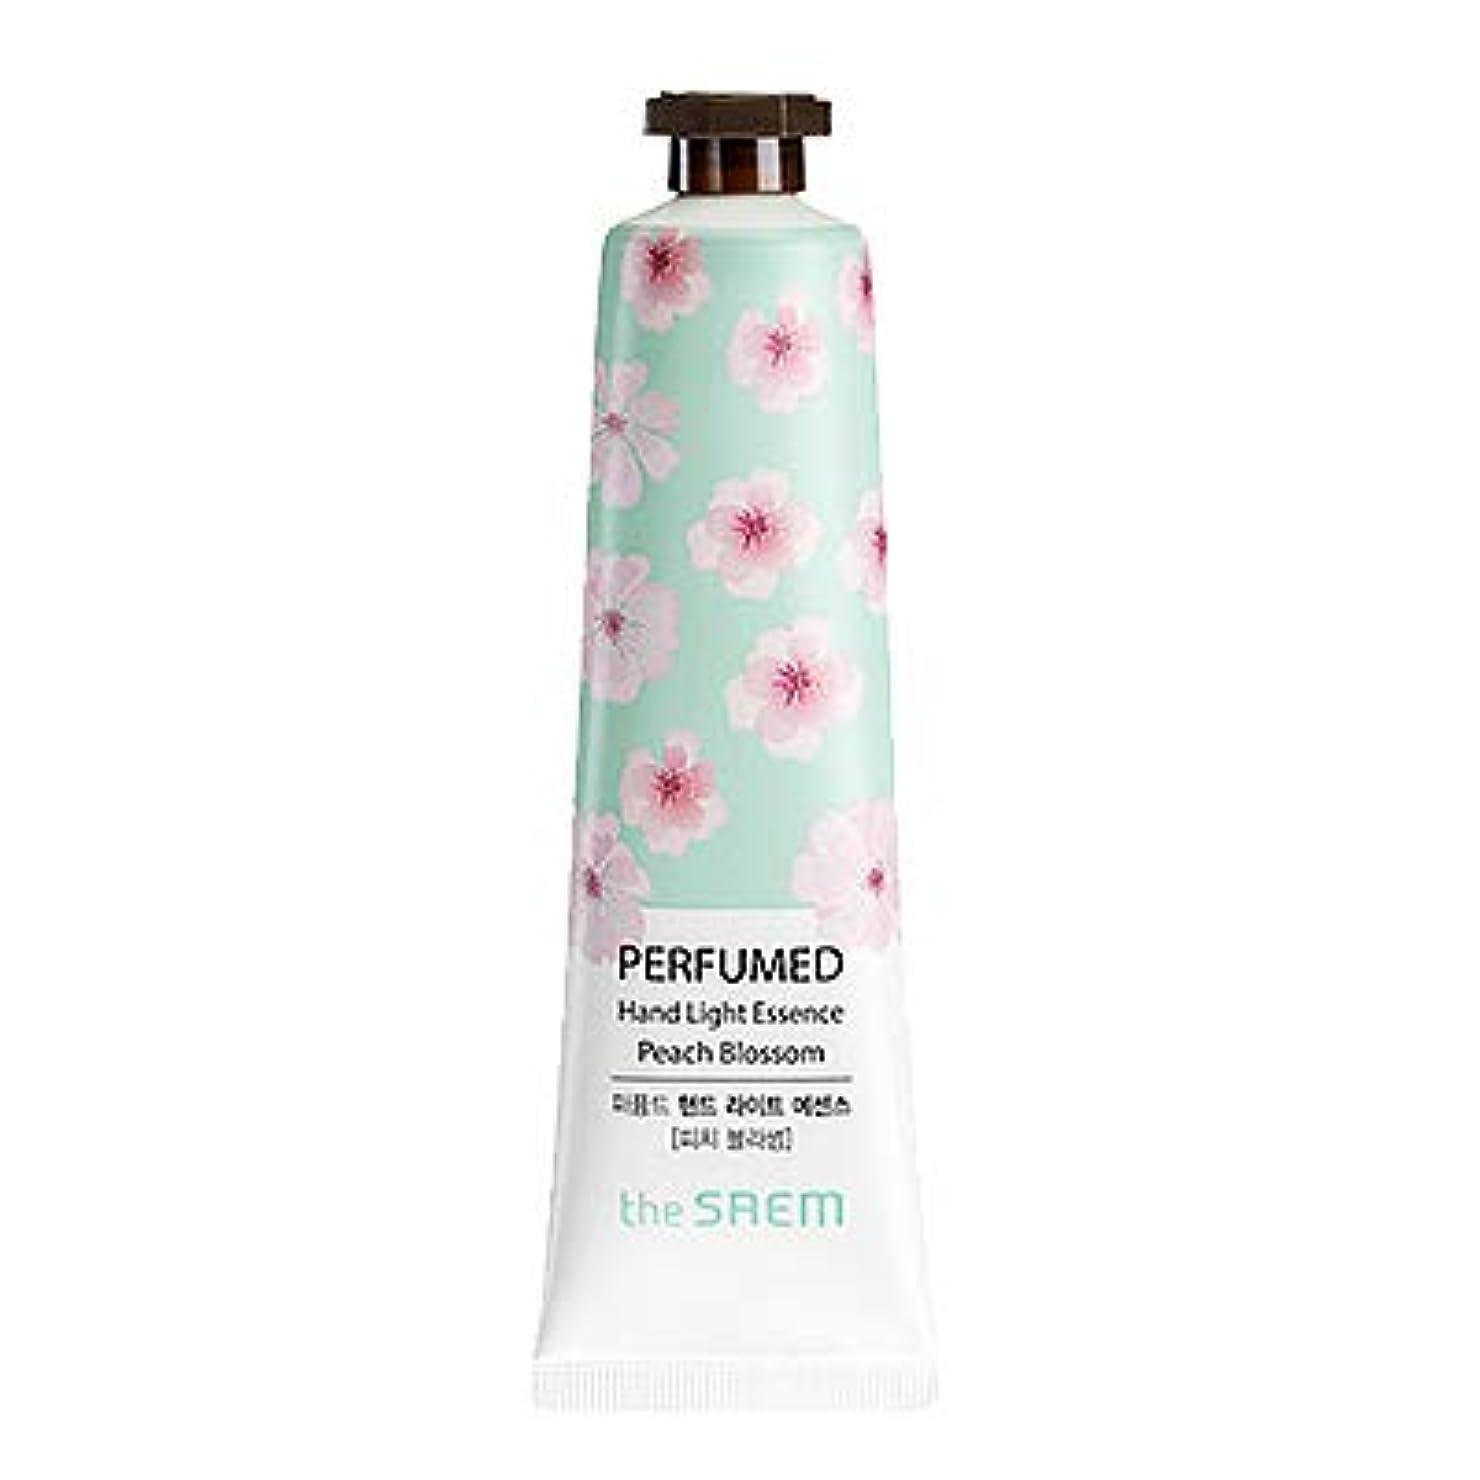 部分的に苗影theSAEM ザセム パヒューム ハンド ライト エッセンス ハンドクリーム PERFUMED HAND LIGHT ESSENCE 韓国コスメ (E-Peach Blossom(ピーチブロッサム))